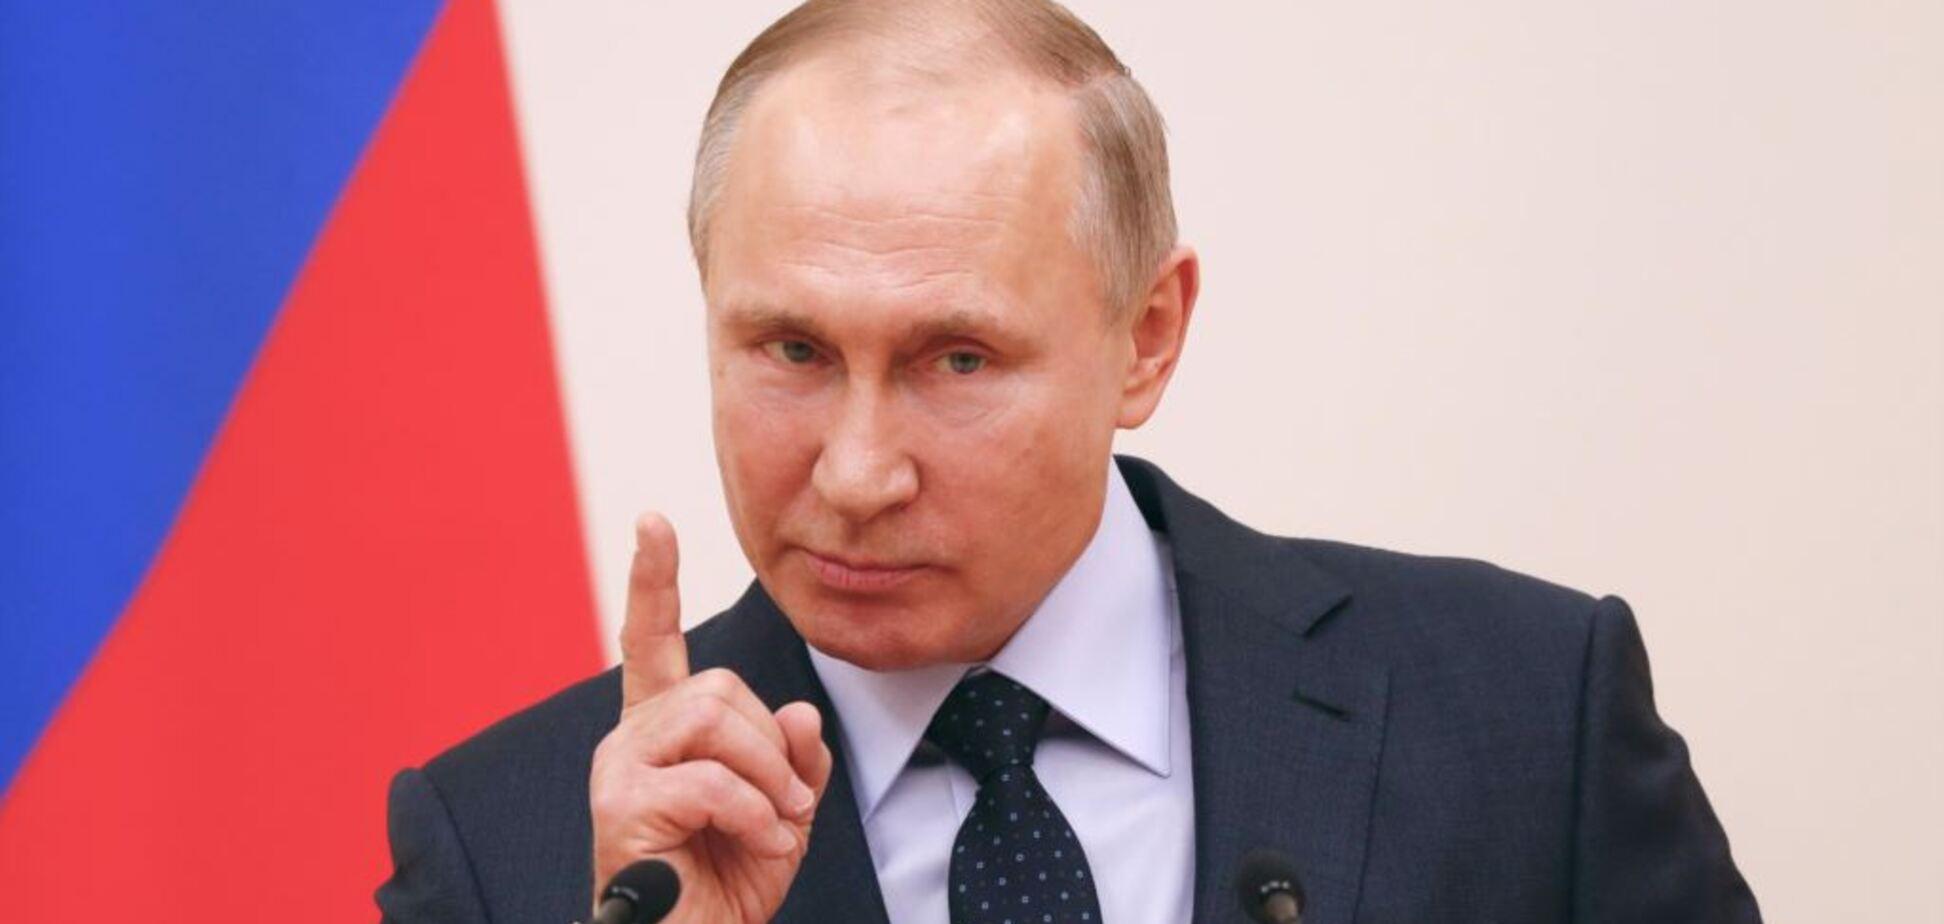 Это в Америке с президента спрашивают, а в России его просят